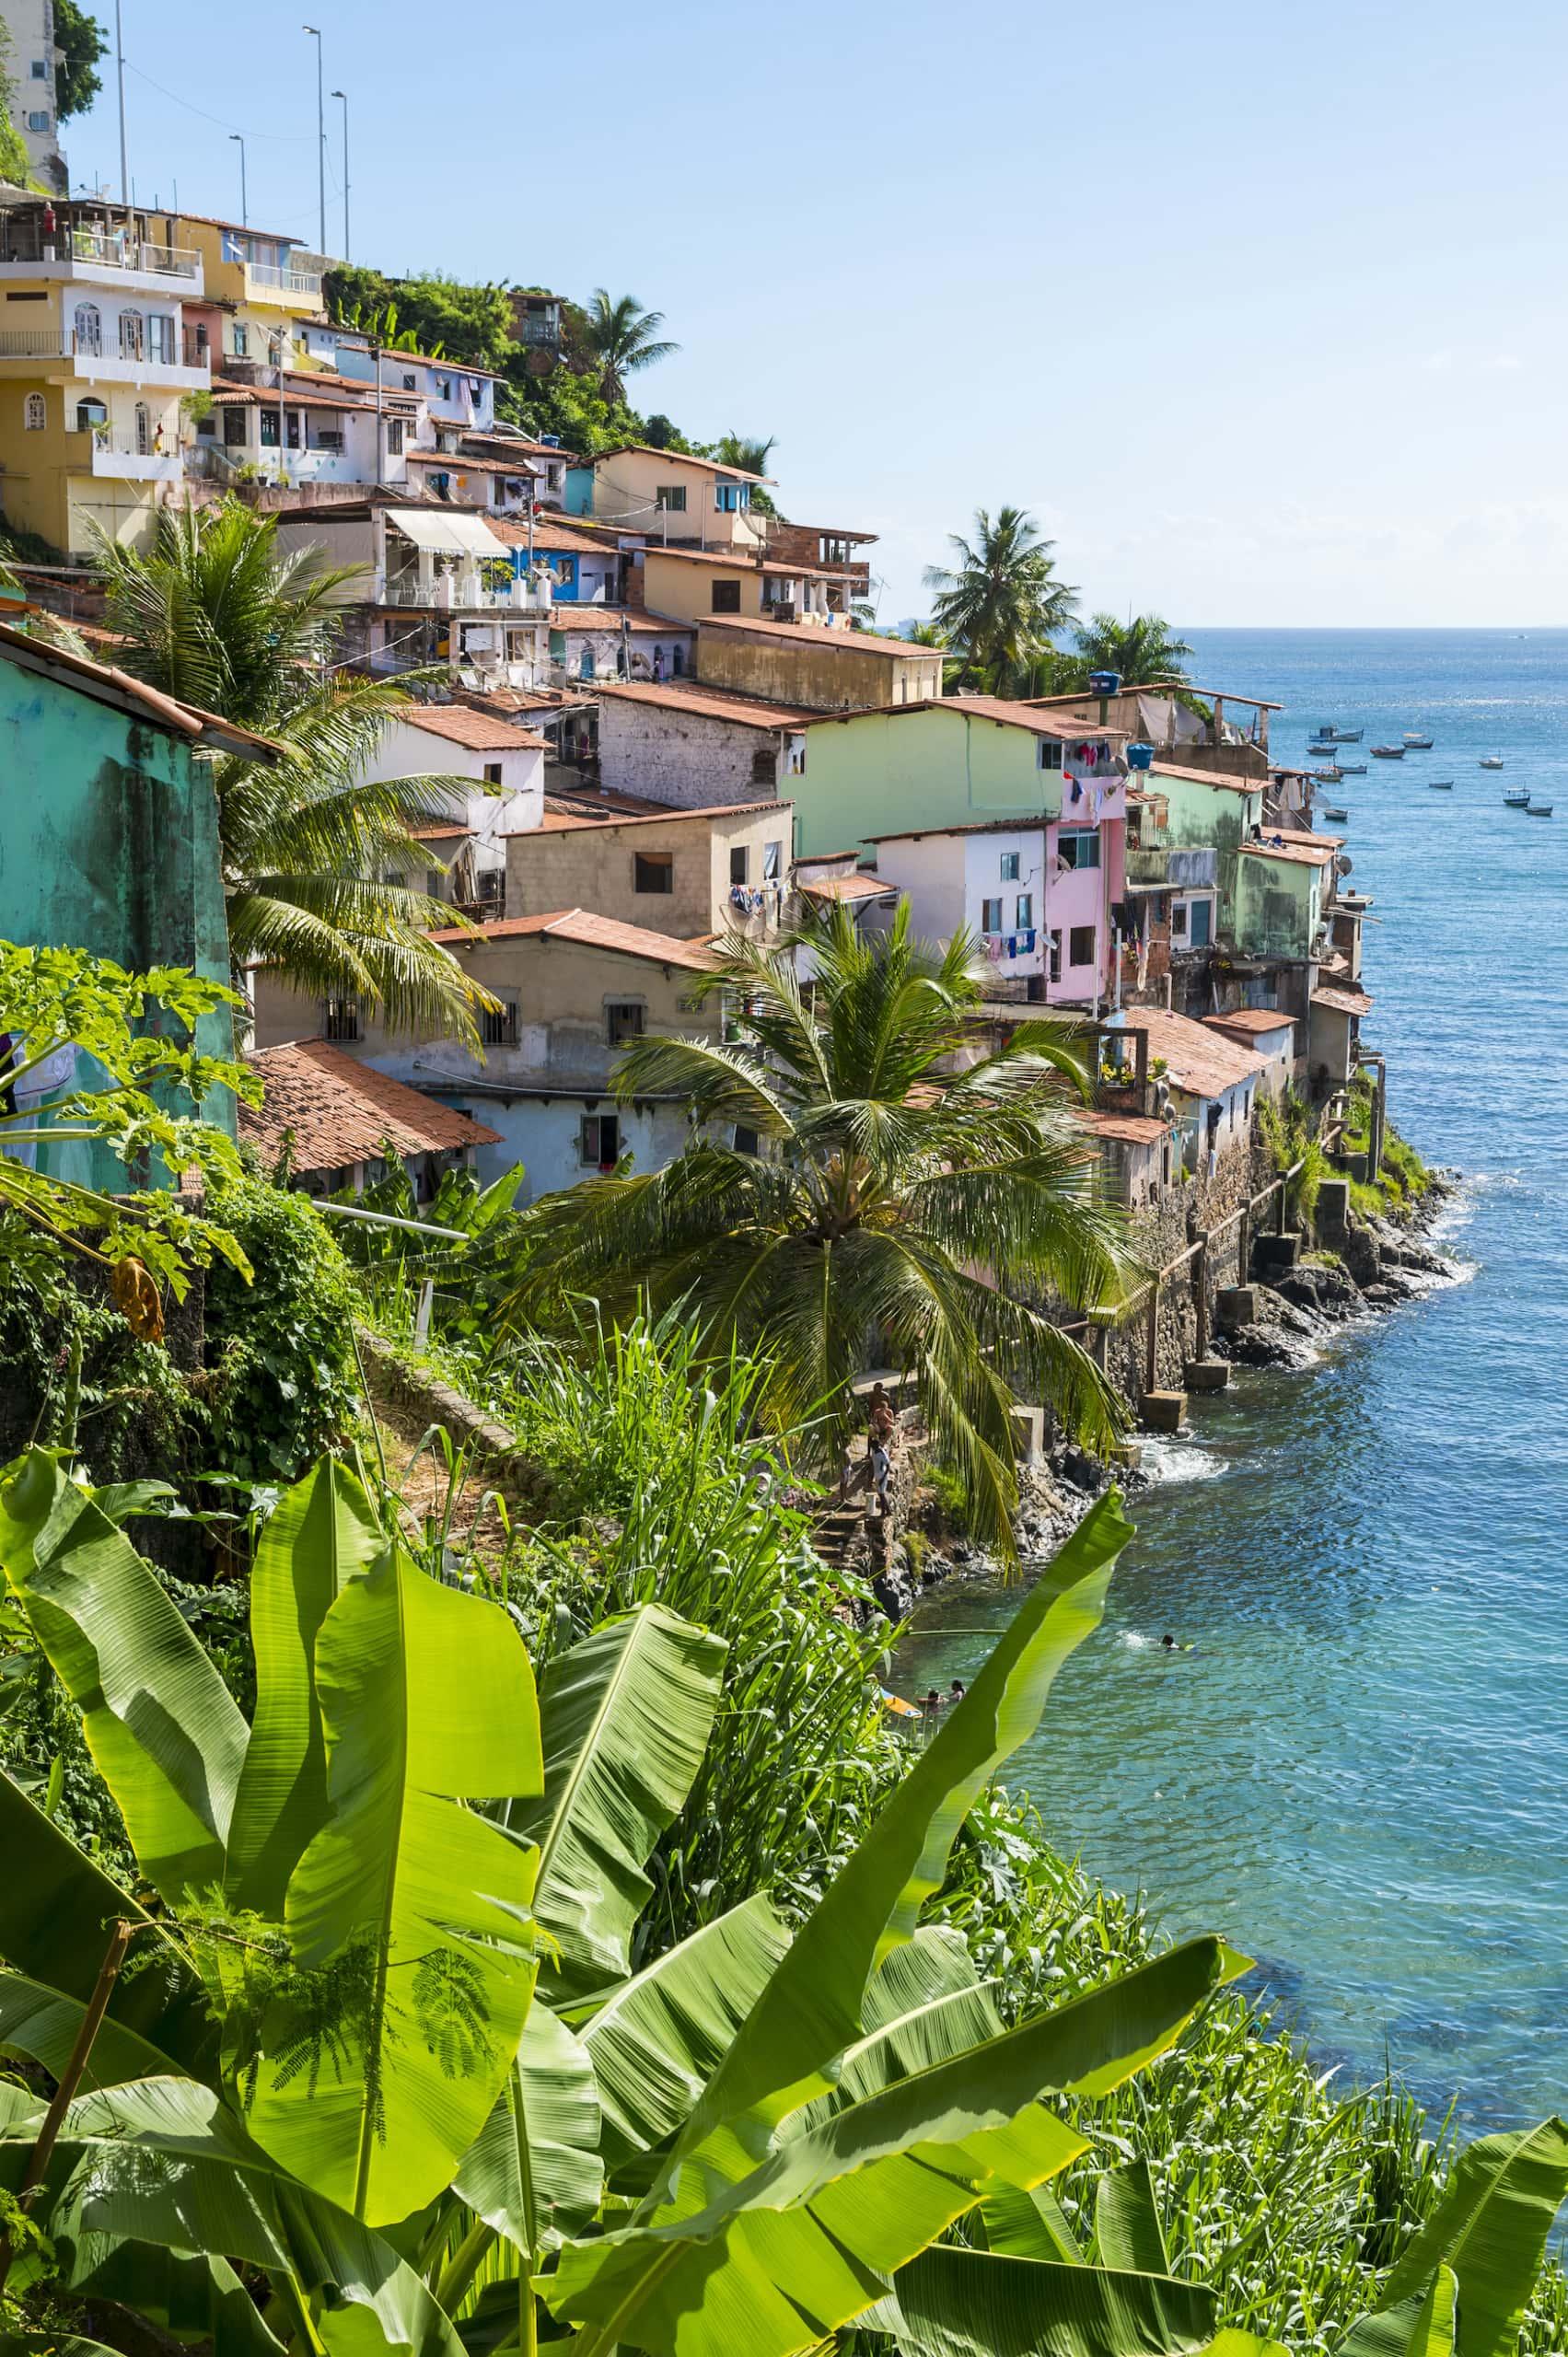 Farbenfrohe Favela-Architektur am Hang der Gemeinde Solar do Unhao mit Blick auf die Allerheiligenbucht in Salvador, Bahia, Brasilien